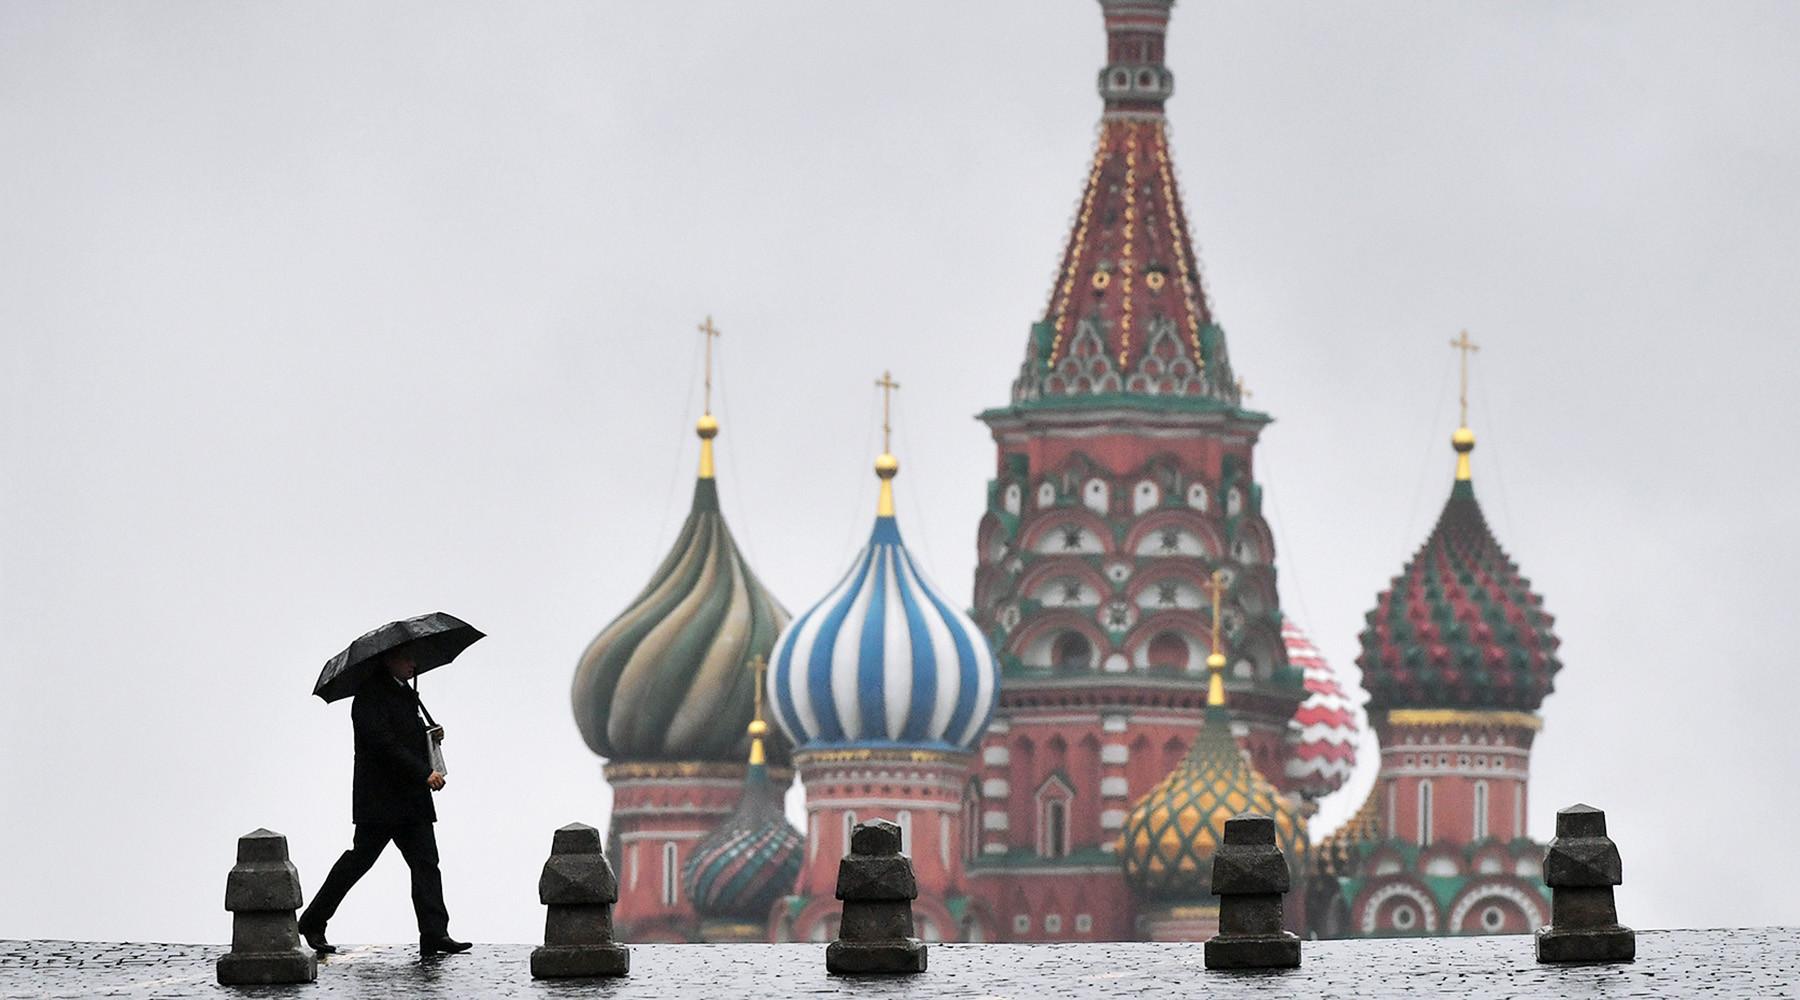 Синоптики рассказали о погоде в Москве на выходные